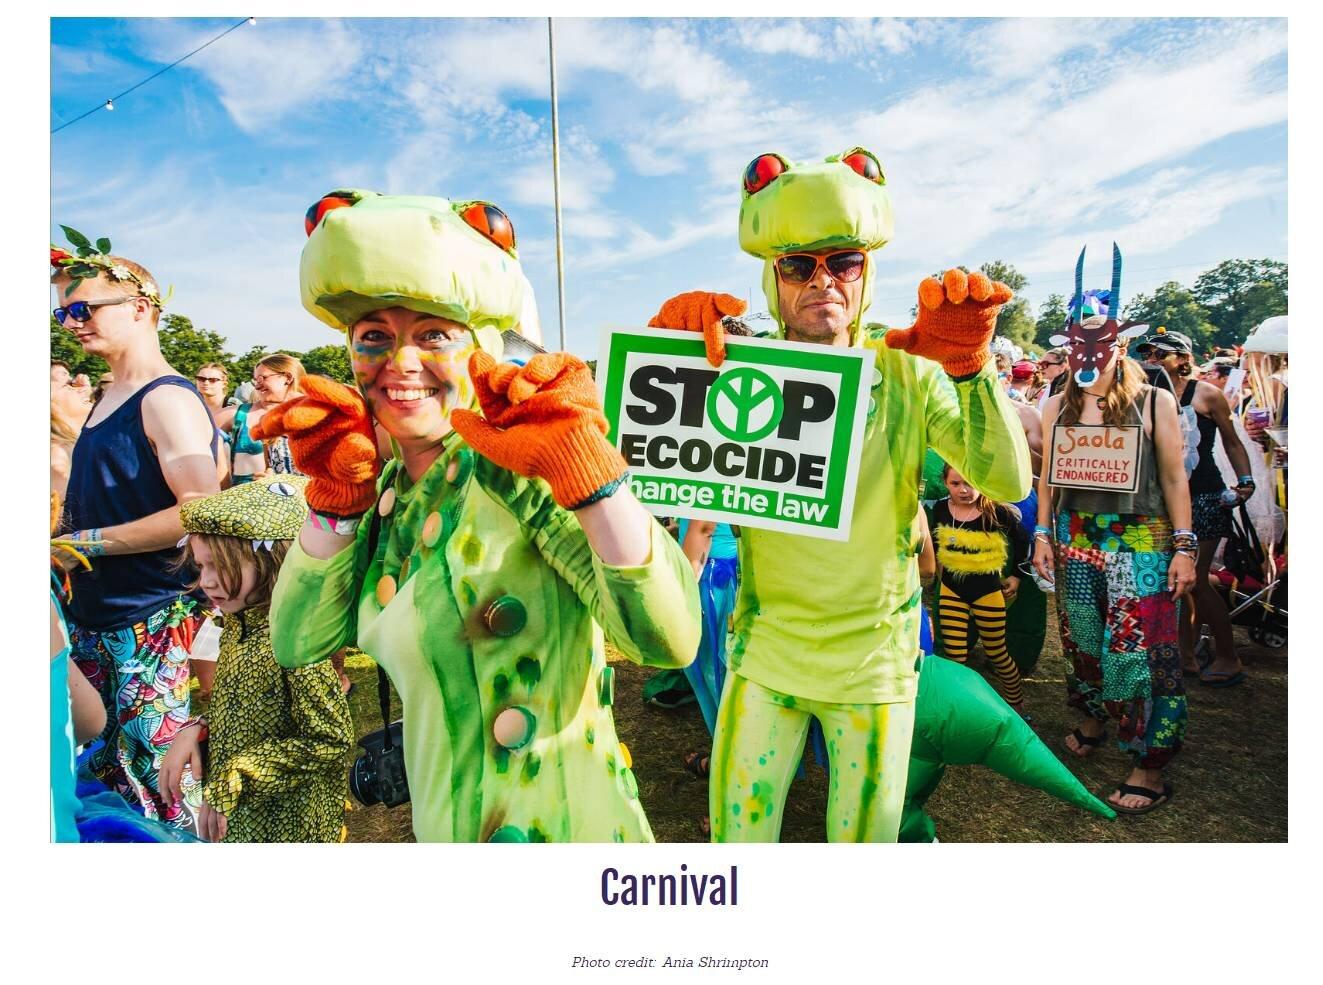 Shambala_Festival_Highlights_Carnival_-_2019-08-28_12.42.38.jpg